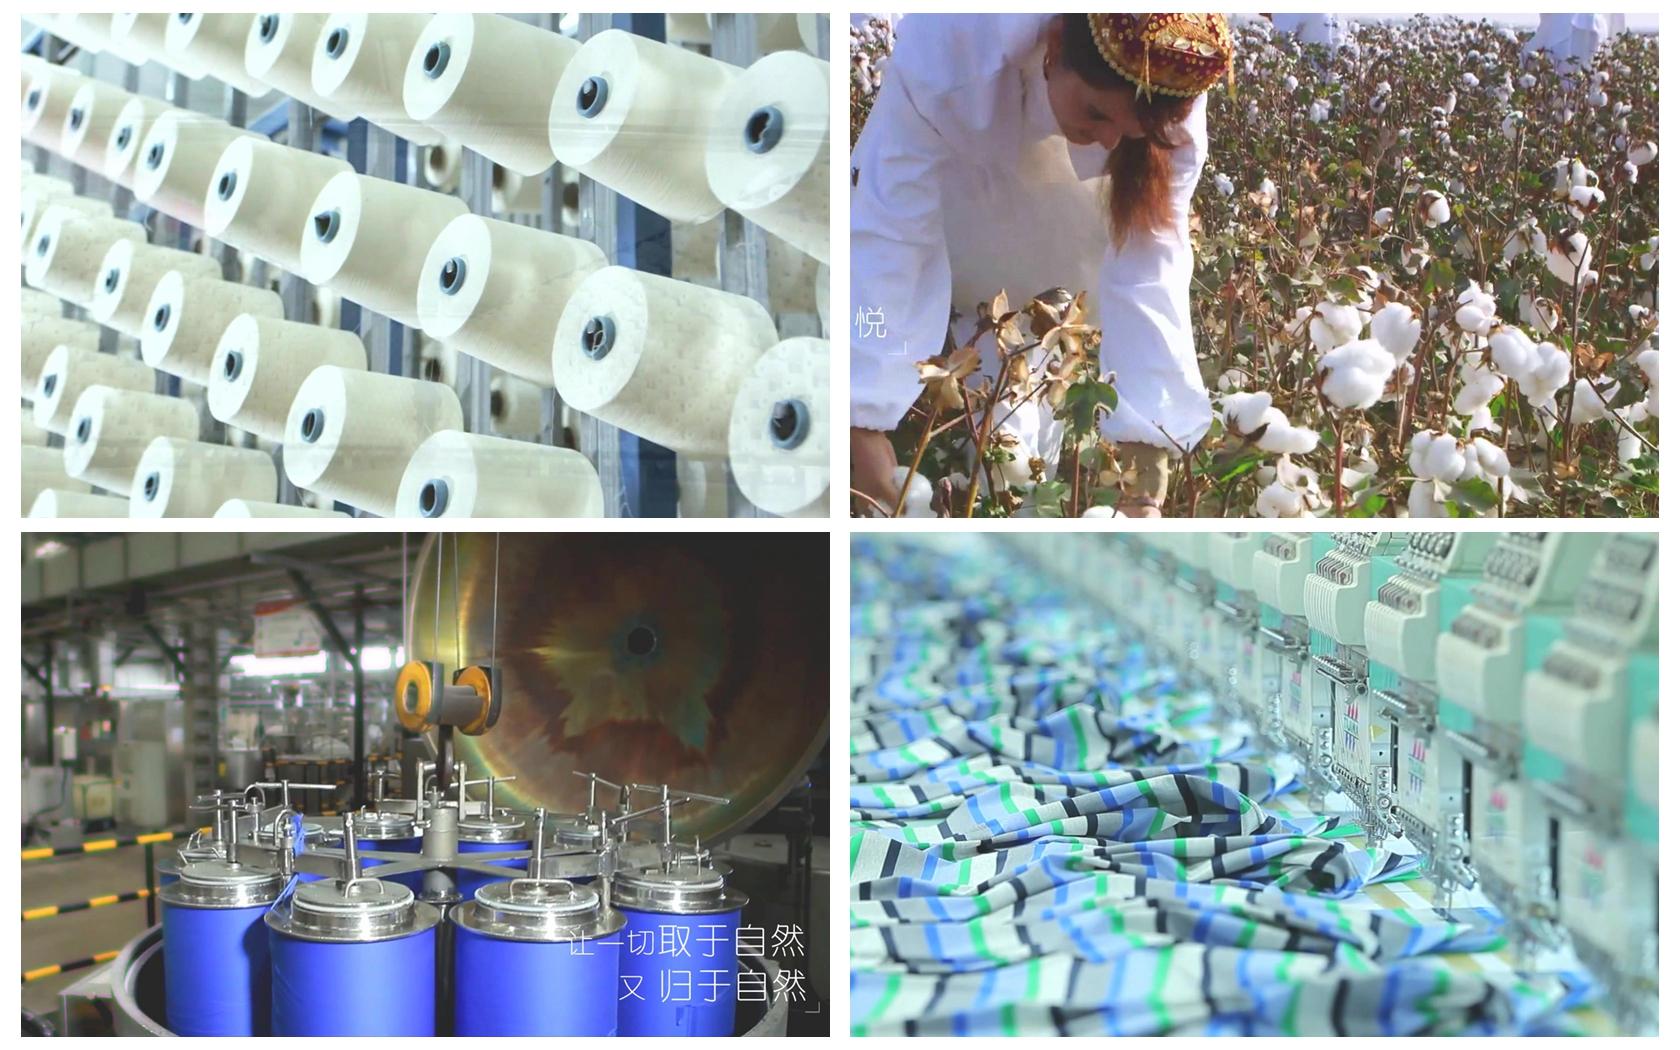 纺织公司形象宣传采摘棉花加工纺织染料印染企业高清视频实拍